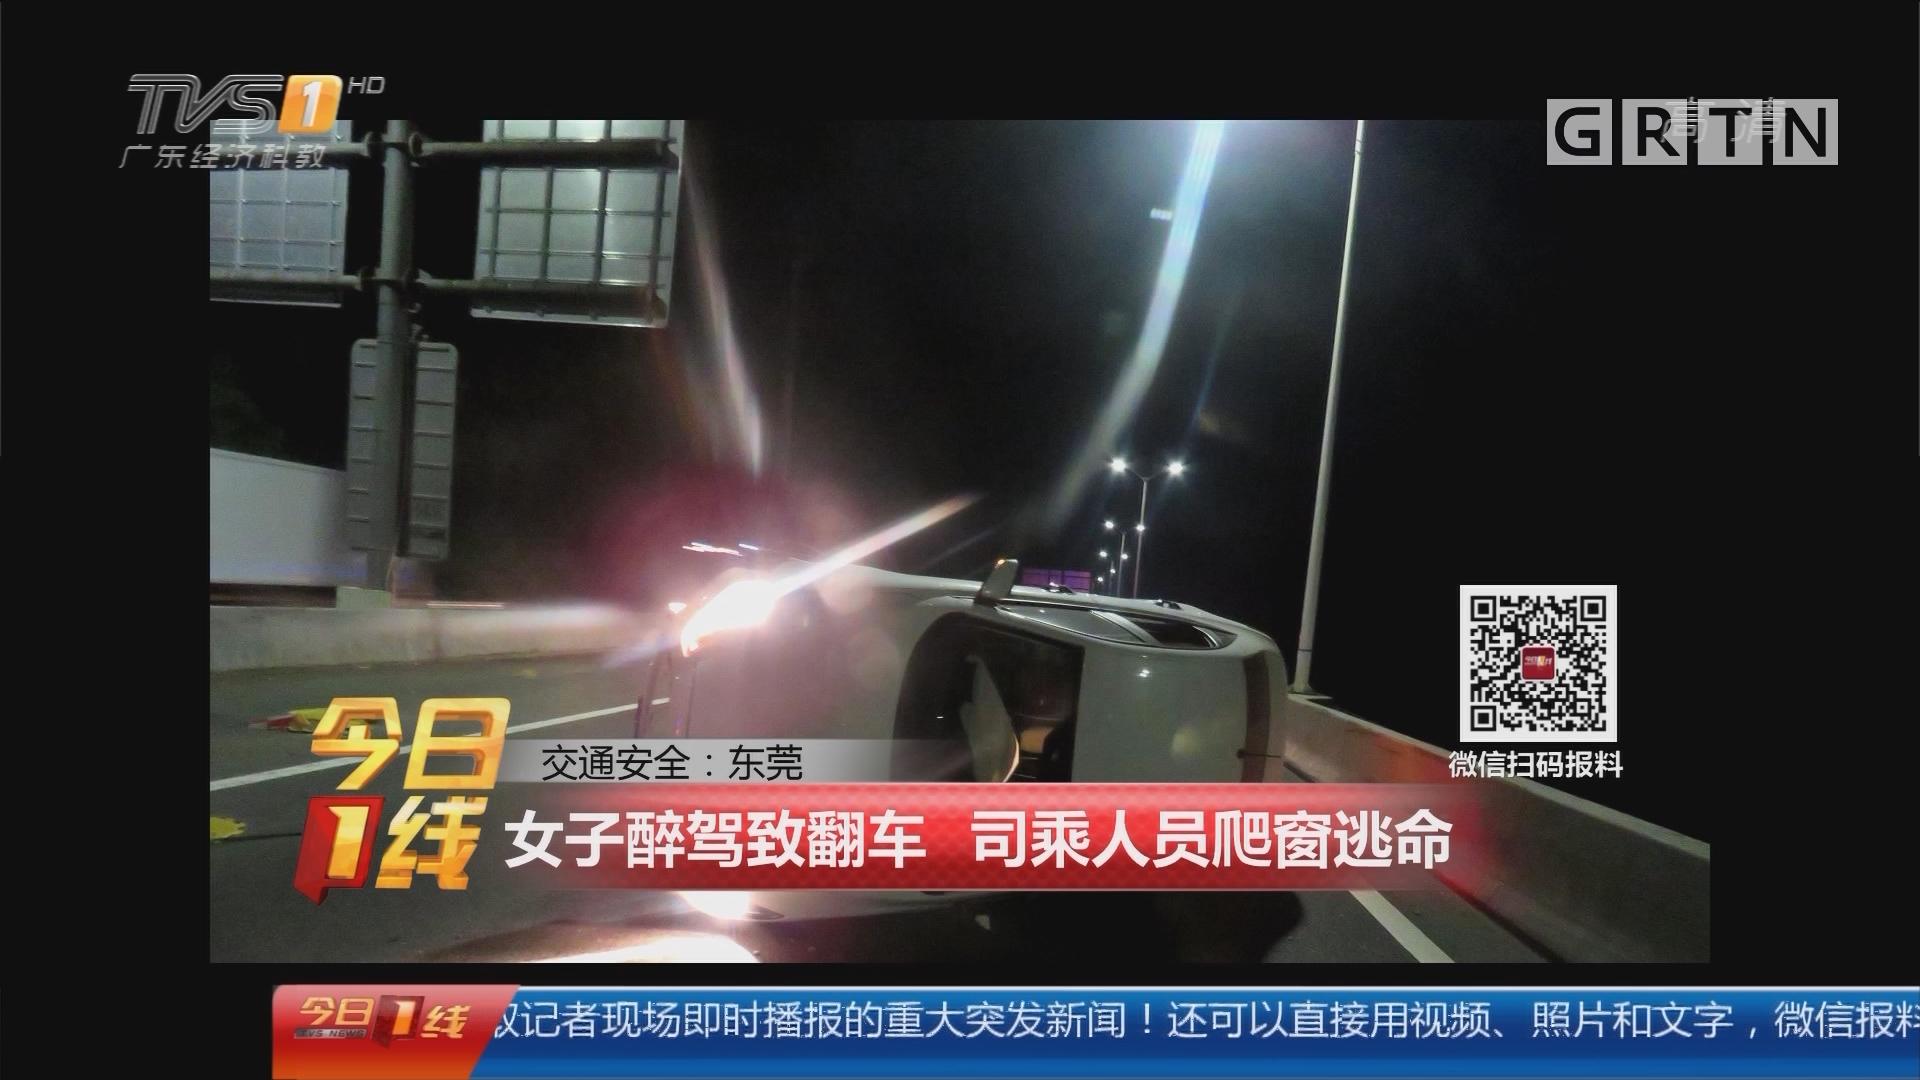 交通安全:东莞 女子醉驾致翻车 司乘人员爬窗逃命